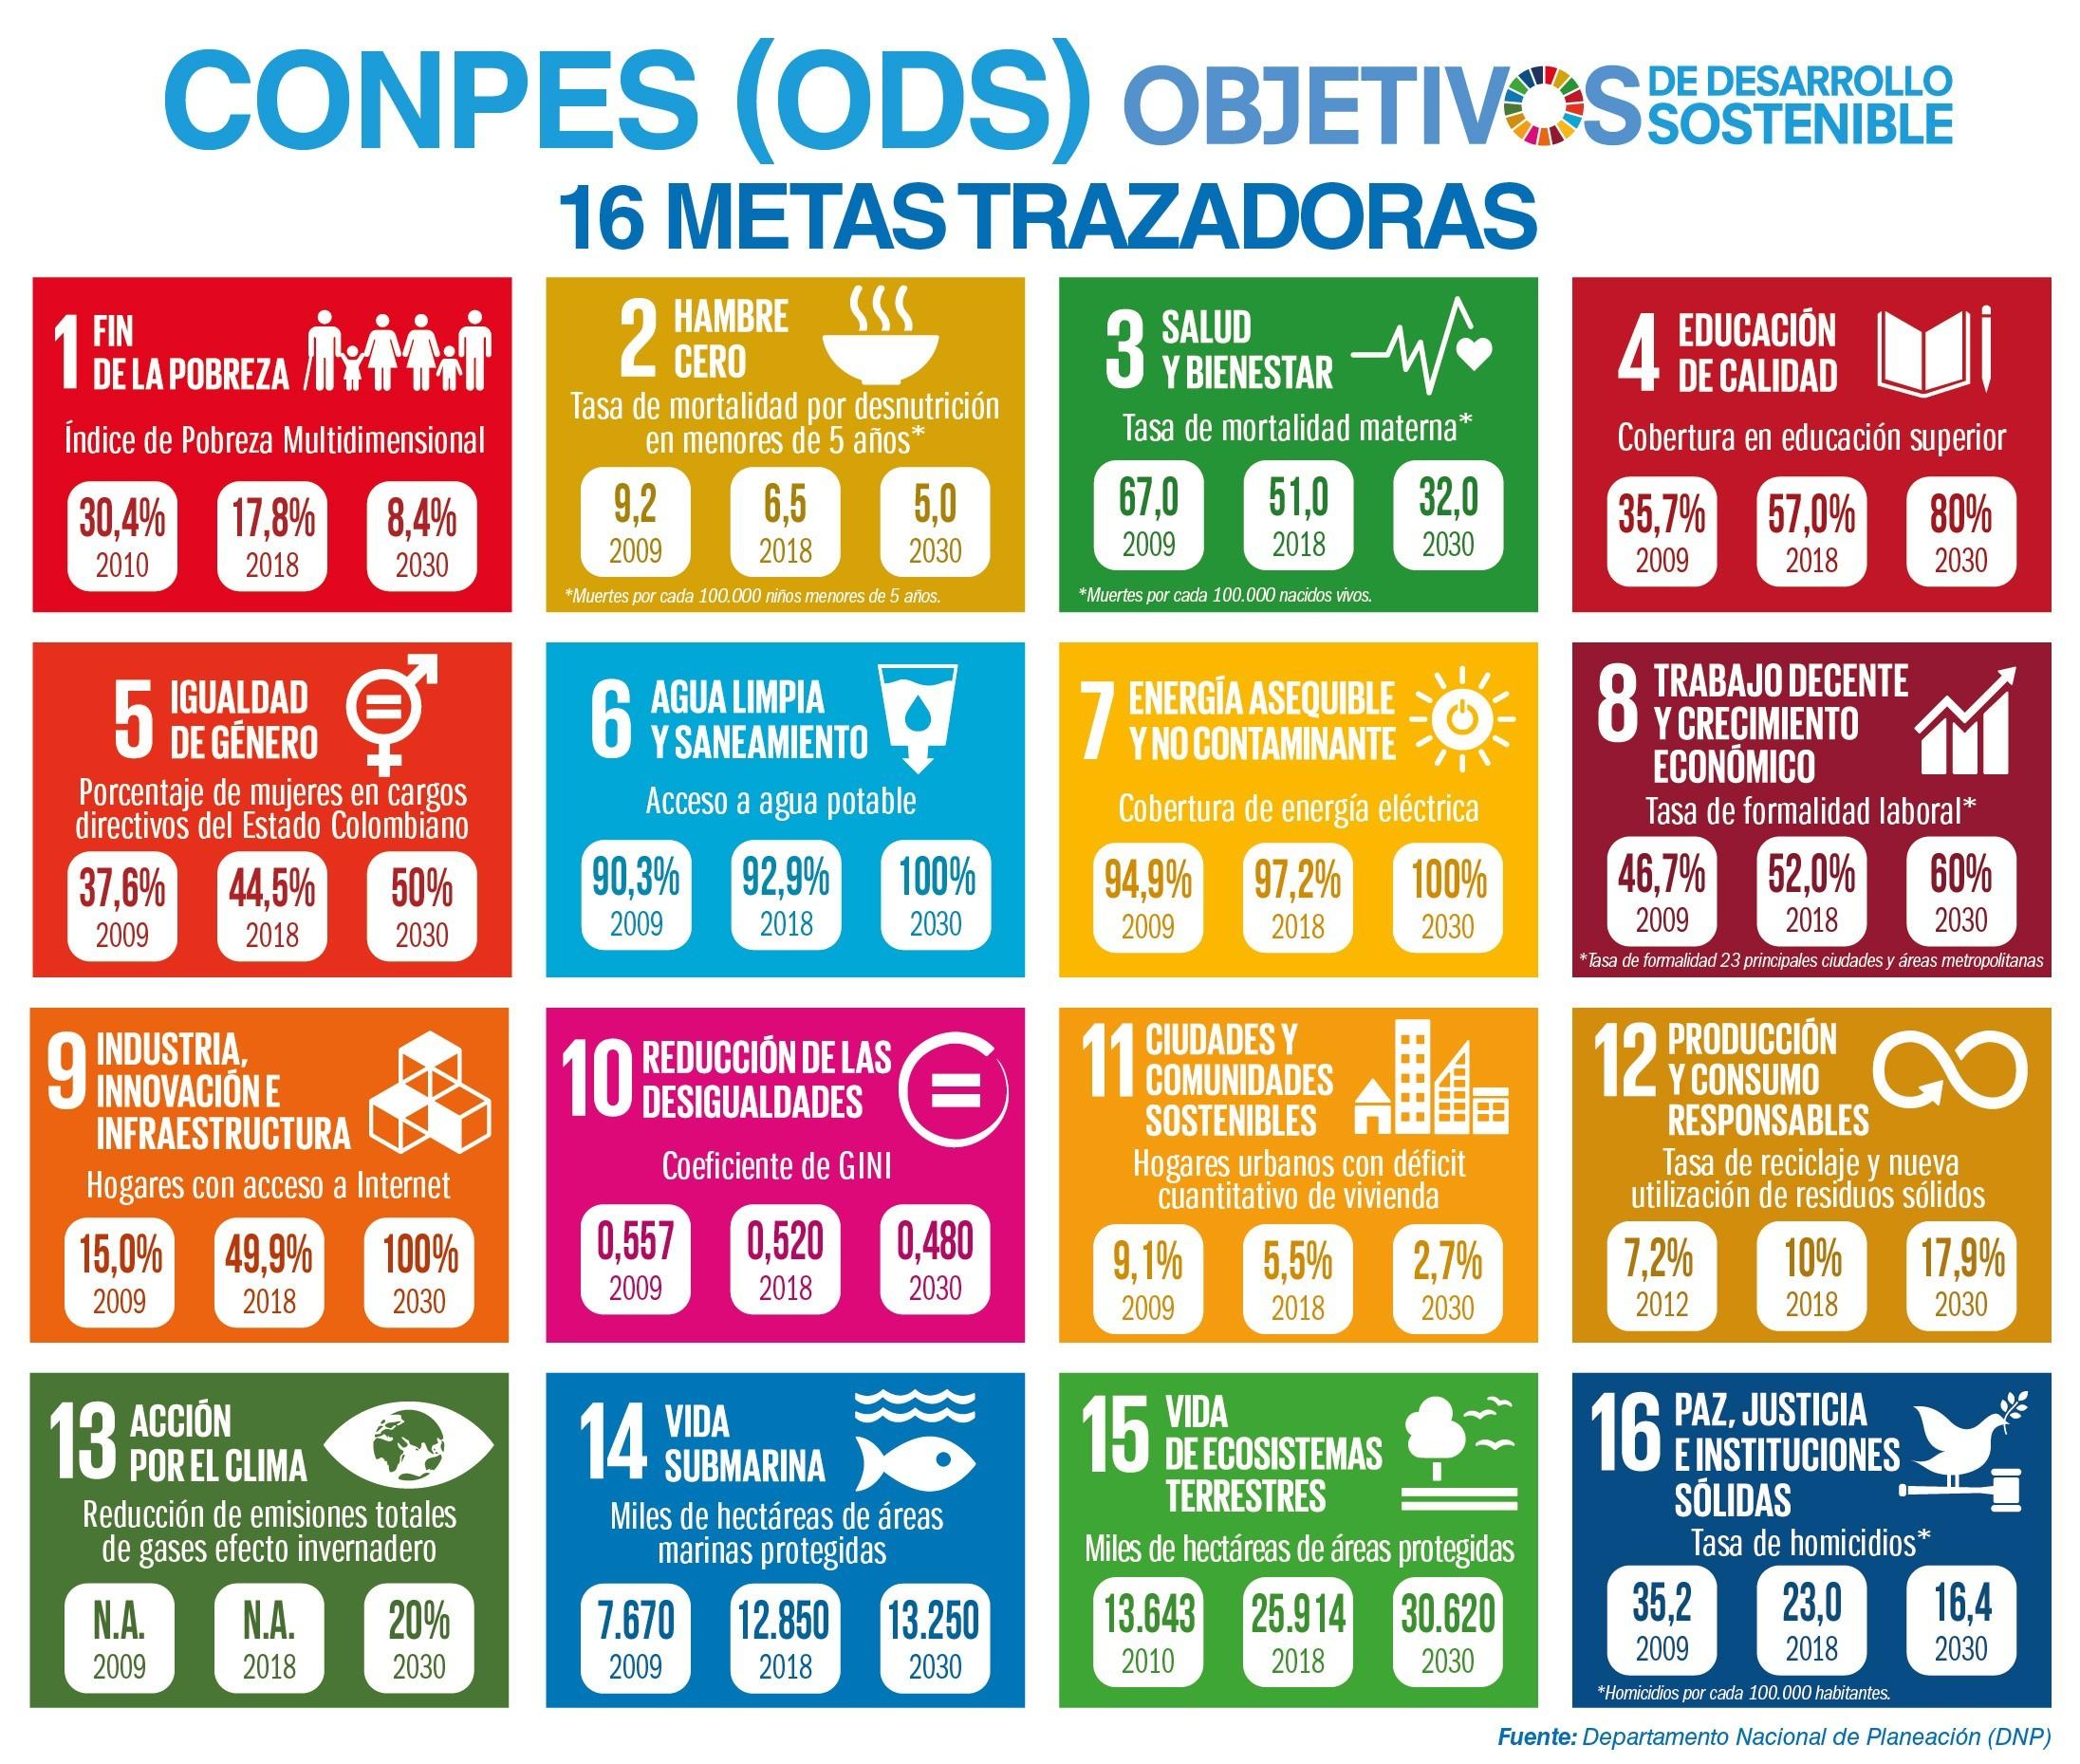 CONPES ODS FINAL Las 16 grandes apuestas de Colombia para cumplir los Objetivos de a través de calendario imprimir agosto y septiembre 2019